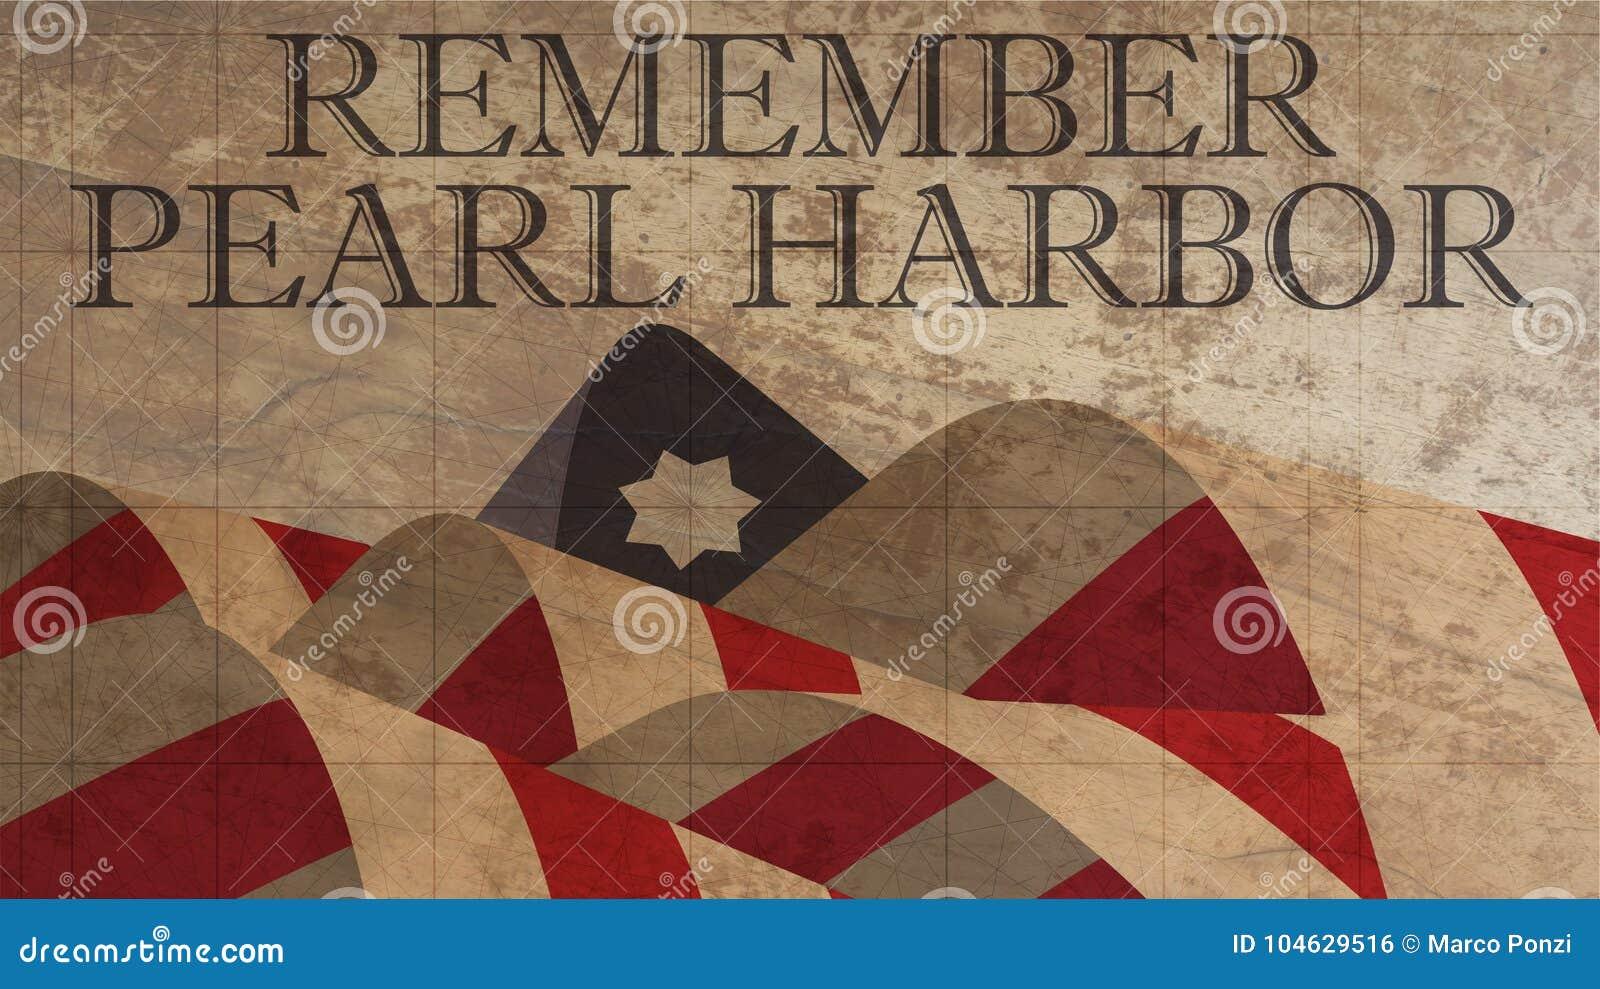 Download Herinner De Illustratie Van De Parelhaven Amerikaanse Vlag Op Hout Stock Illustratie - Illustratie bestaande uit vakantie, sterren: 104629516